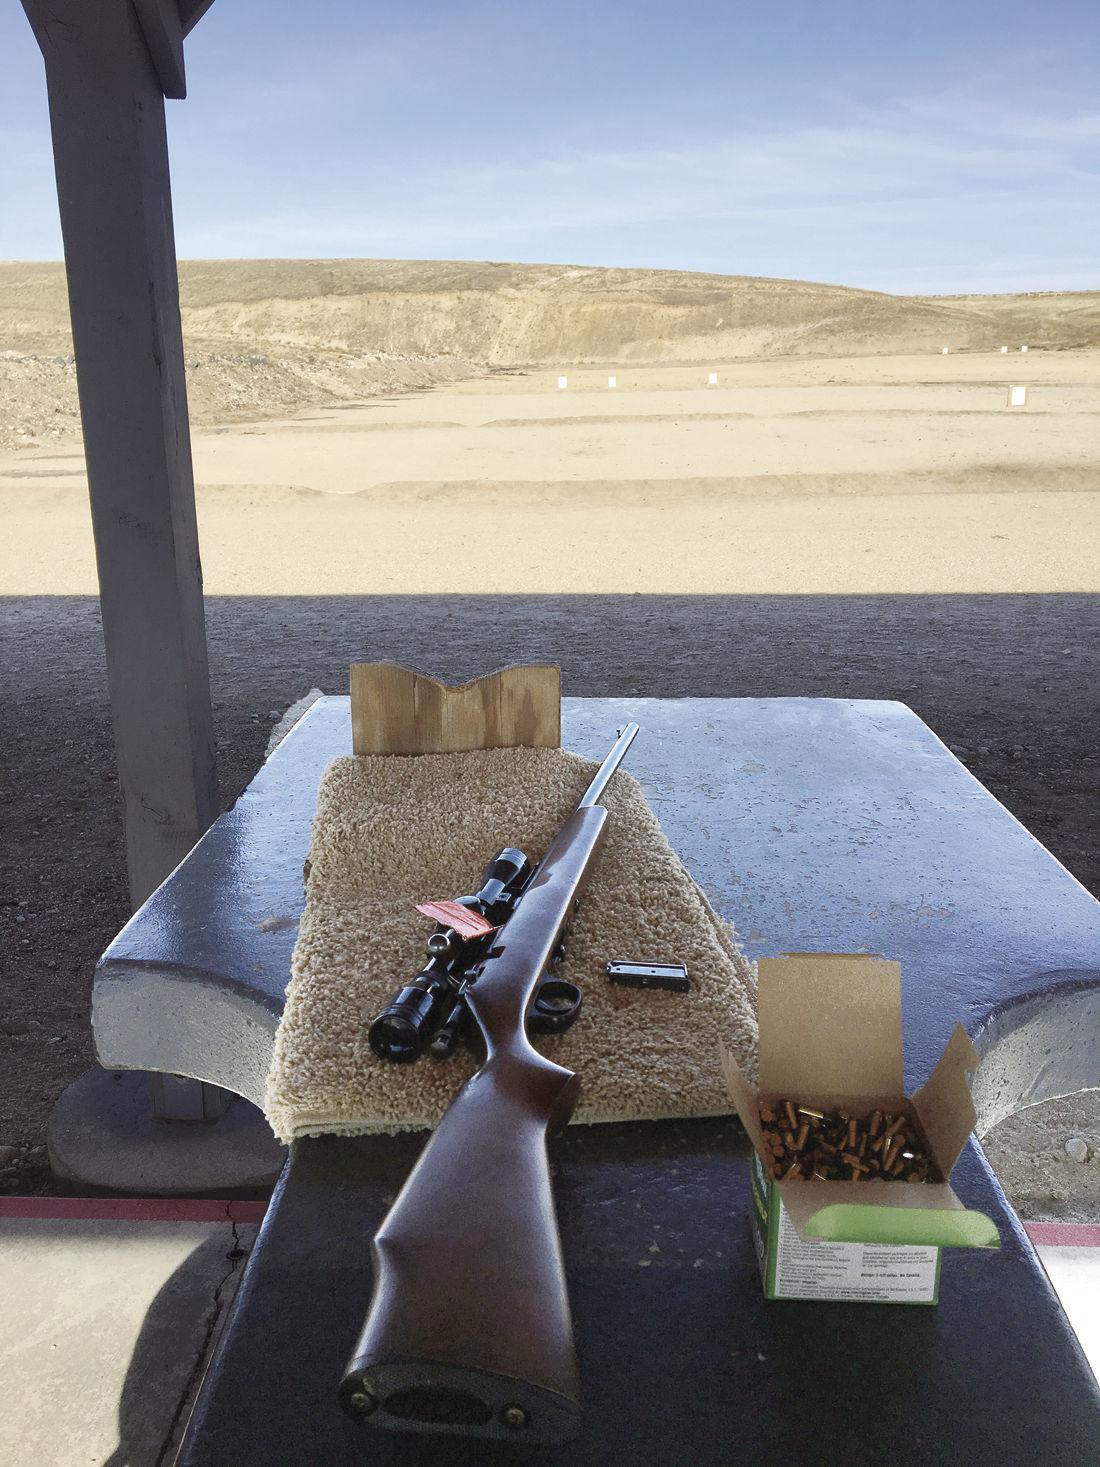 Marlin at the shooting range